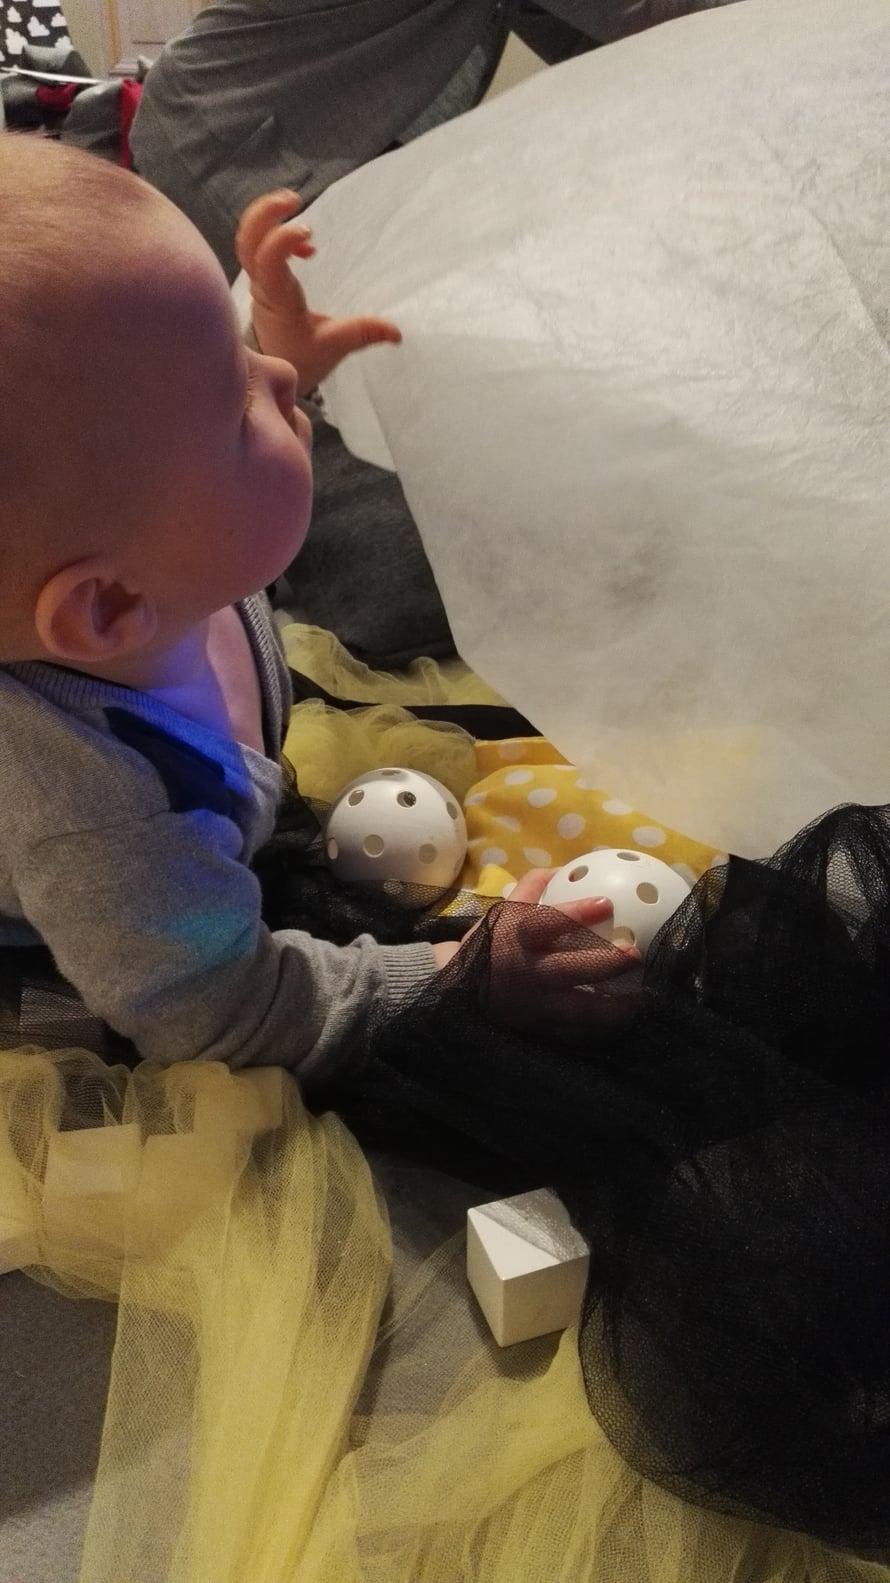 Museoiden vauvatyöpajat ovat vauvakulttuurin parhautta. Vauvan seuralainen pääsee samalla tutustumaan museoiden tarjontaan. Kuvassa kuopukseni on Suomen Arkkitehtuurimuseon vauvatyöpajassa.